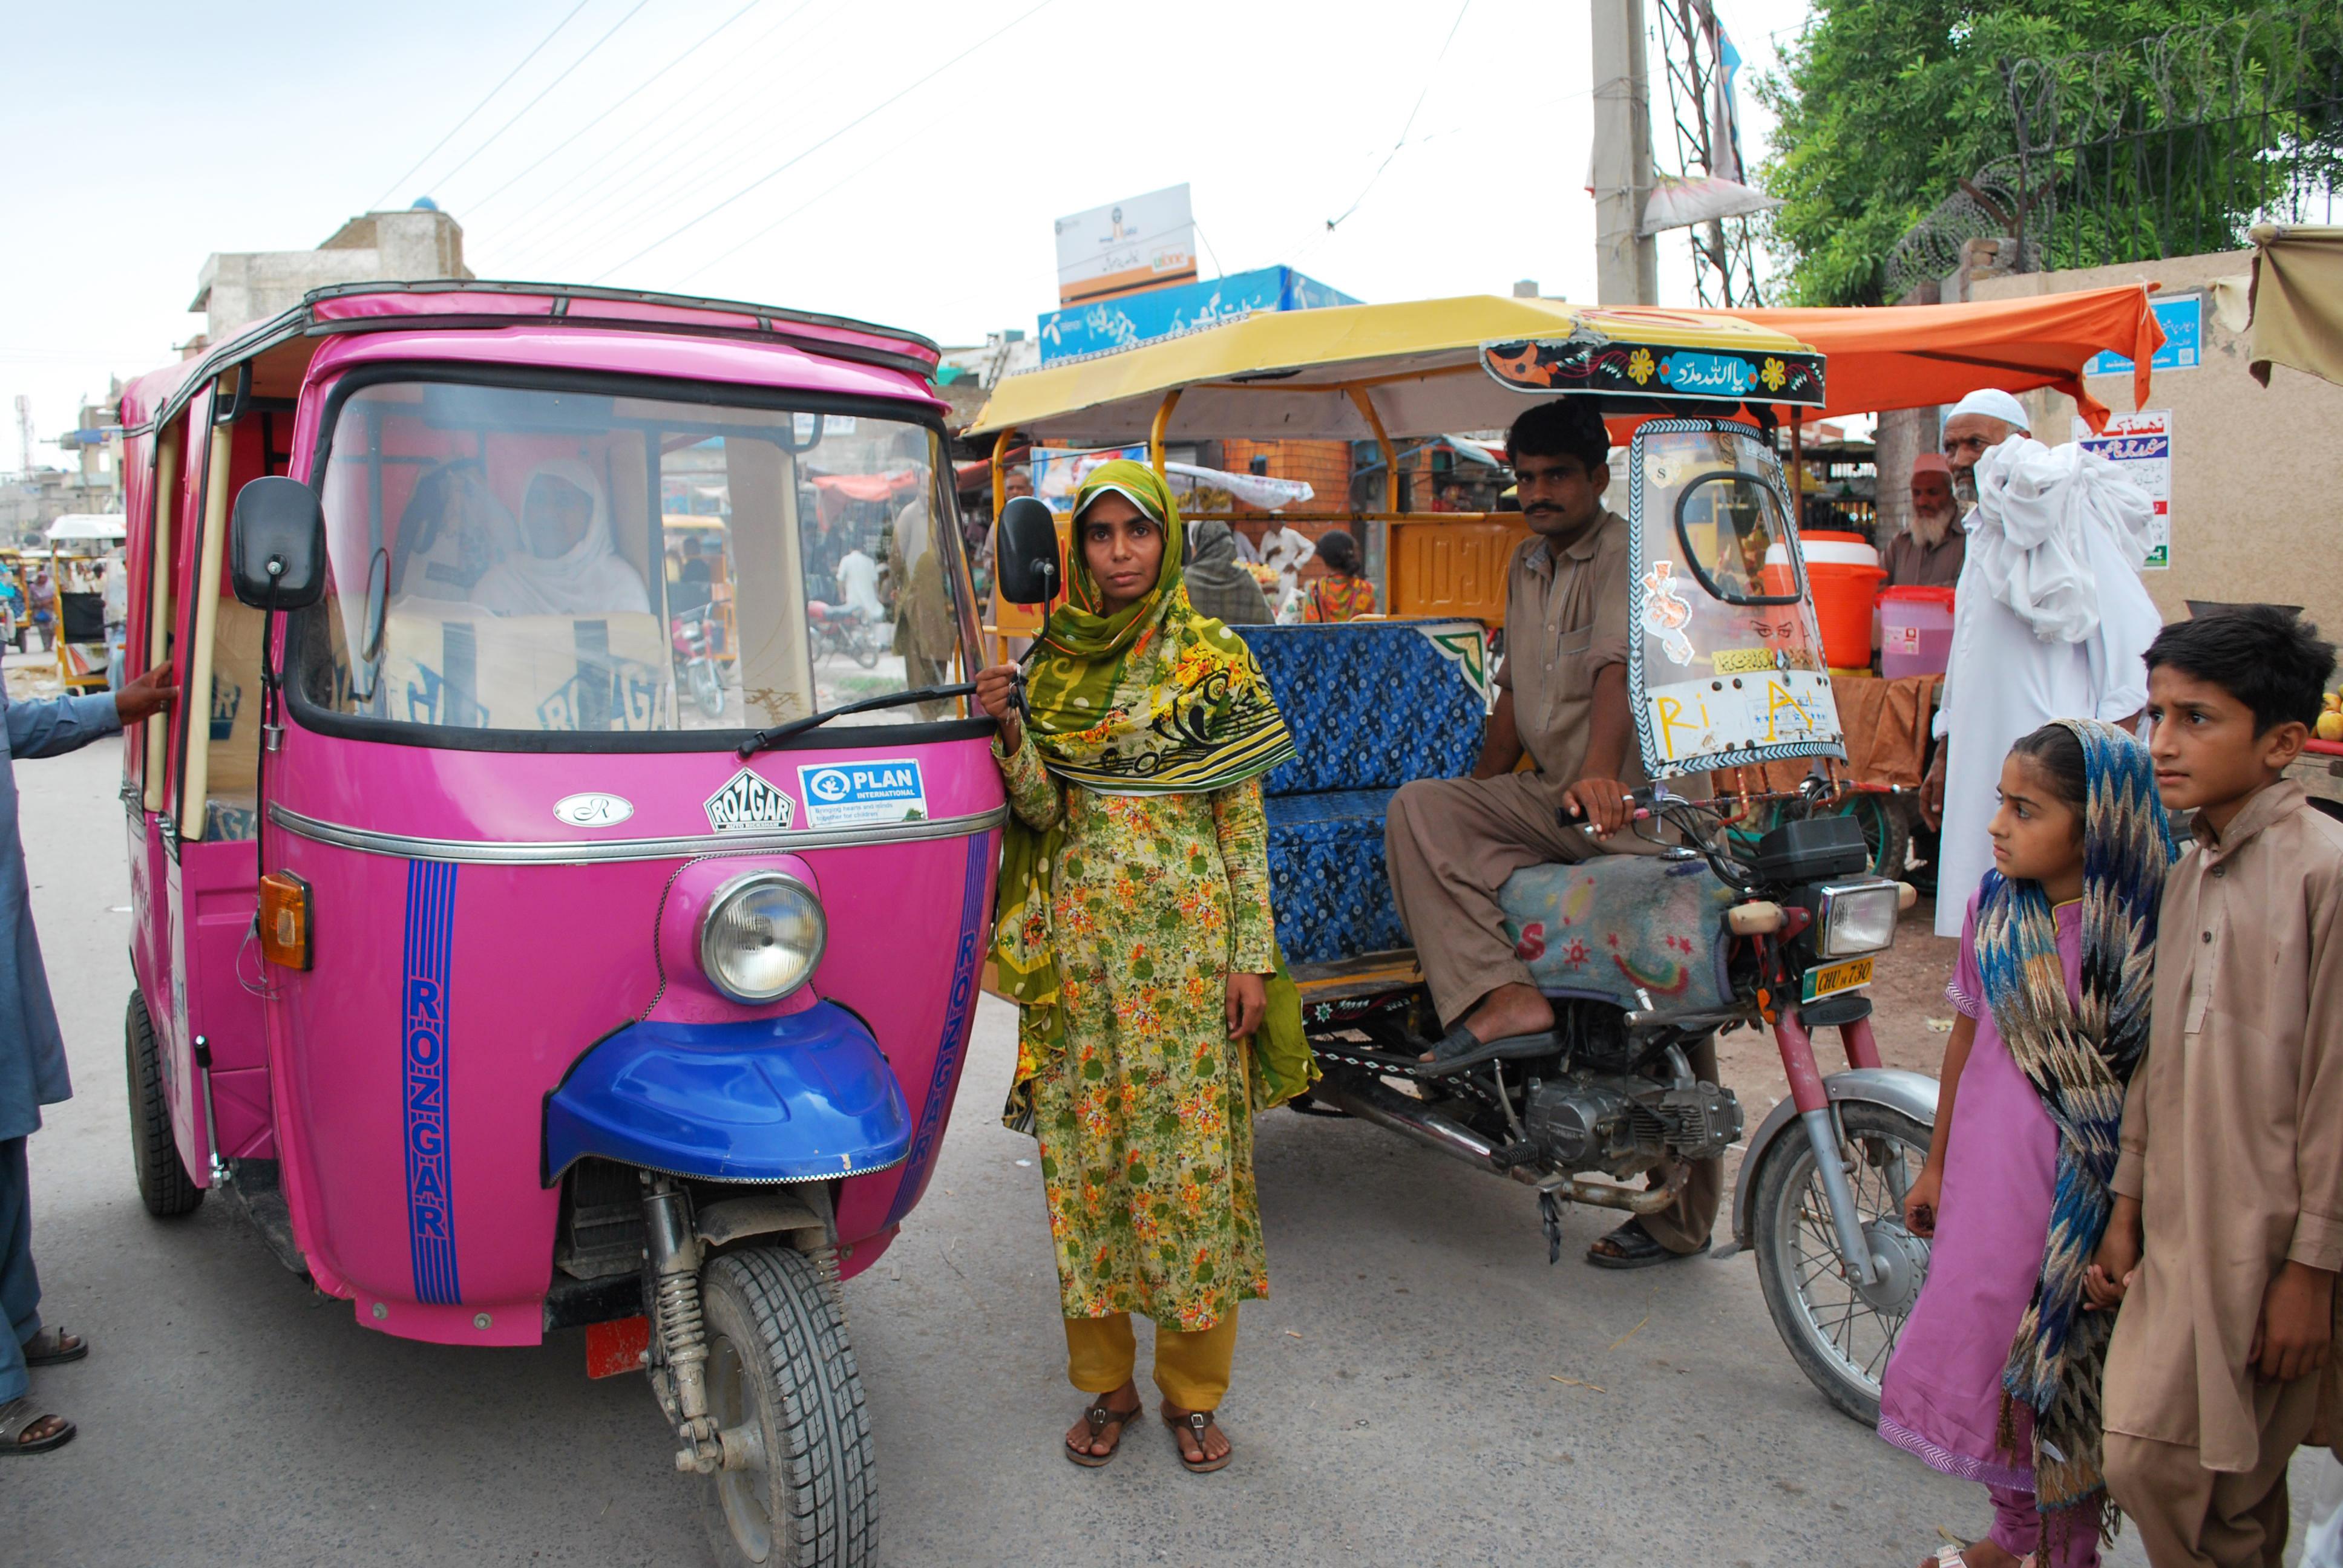 Kvinner går fra å tigge på gaten til å forsørge seg selv som richshaw-sjåfører i et land der kvinner ikke alltid kan ferdes trygt.